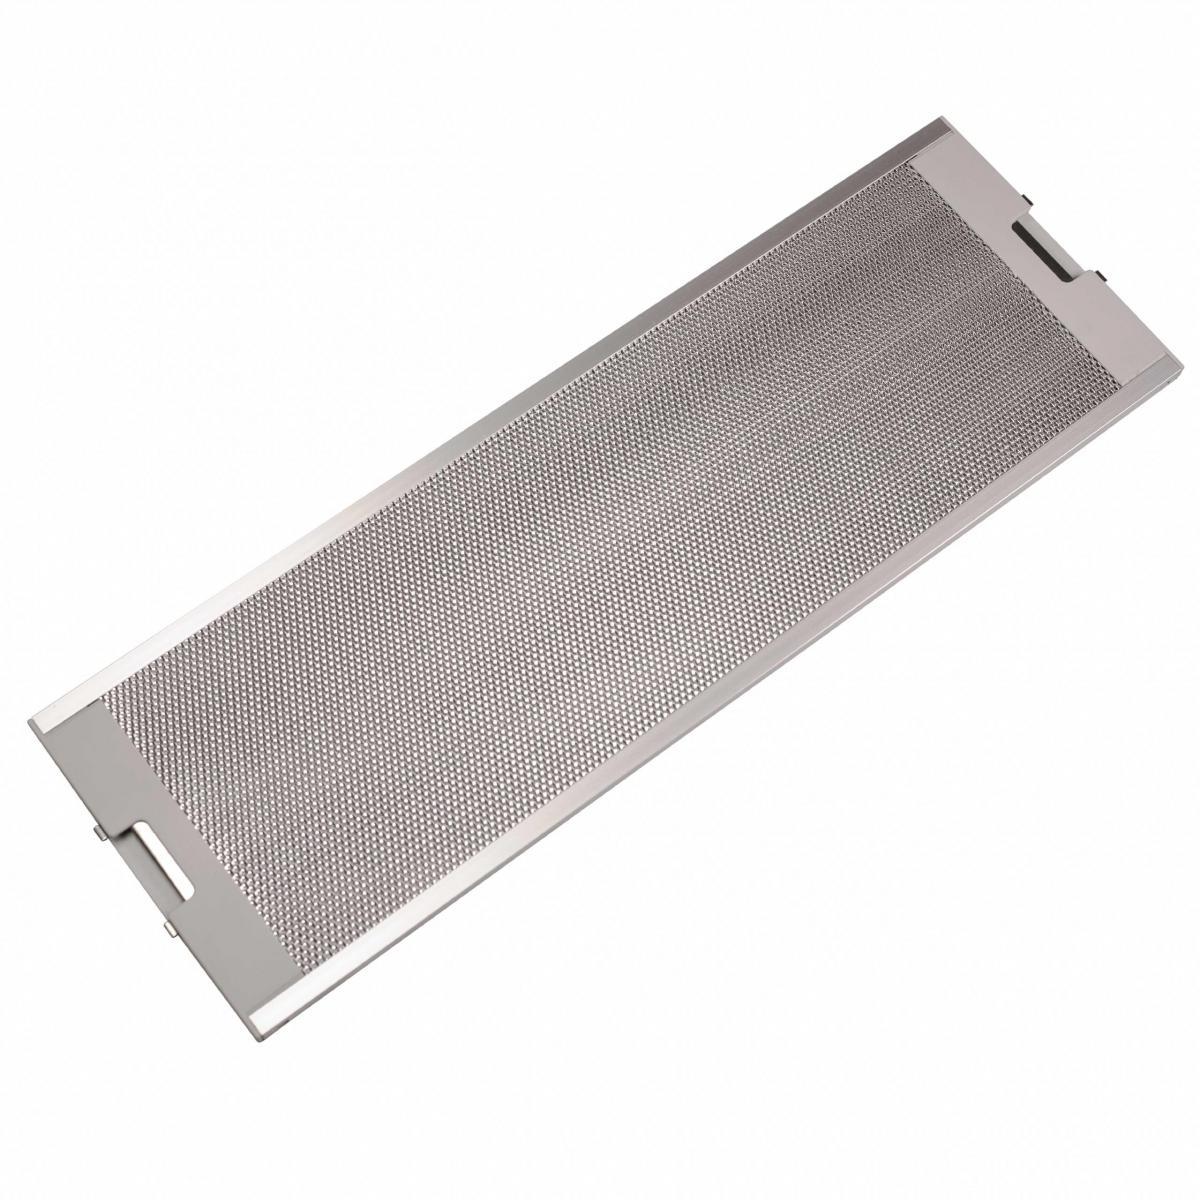 Vhbw vhbw Filtre Permanent Filtre à Graisse Métallique compatible avec Imperial DMA 64/4 EL EX/UK, DMA 64/4 EL/CH Hottes de C